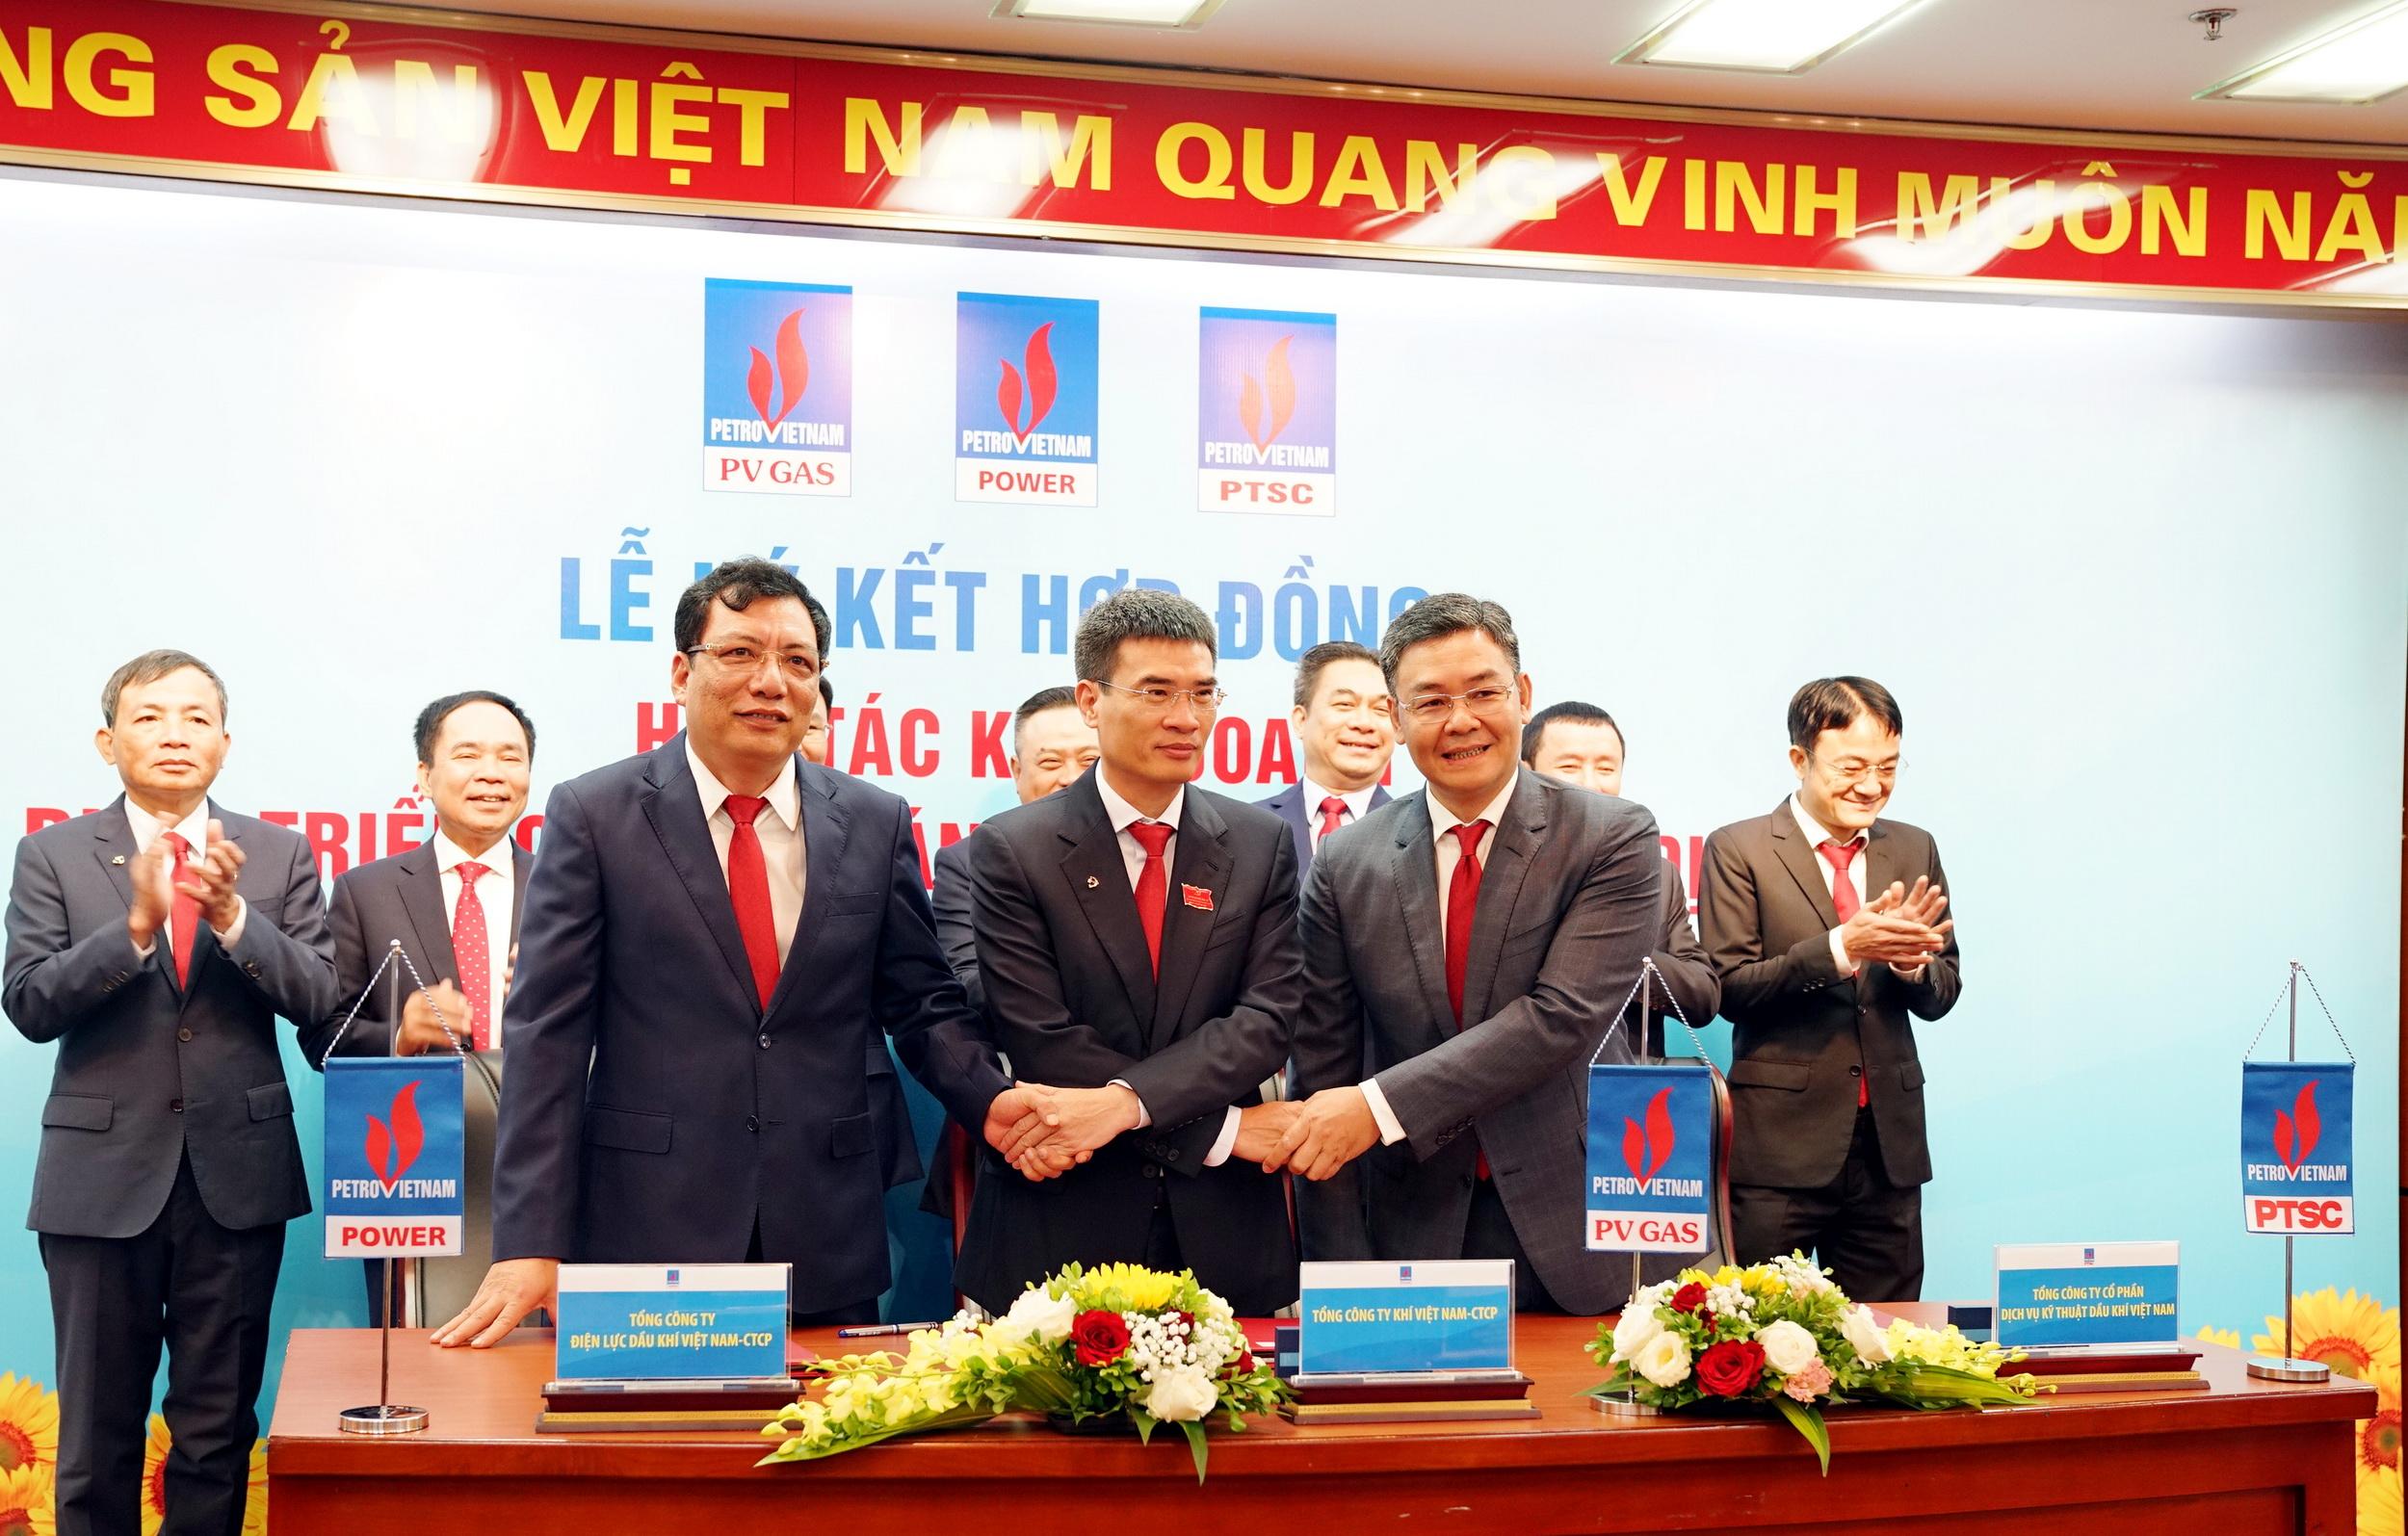 PV GAS thực hiện nhiều ký kết hợp tác cùng phát triển